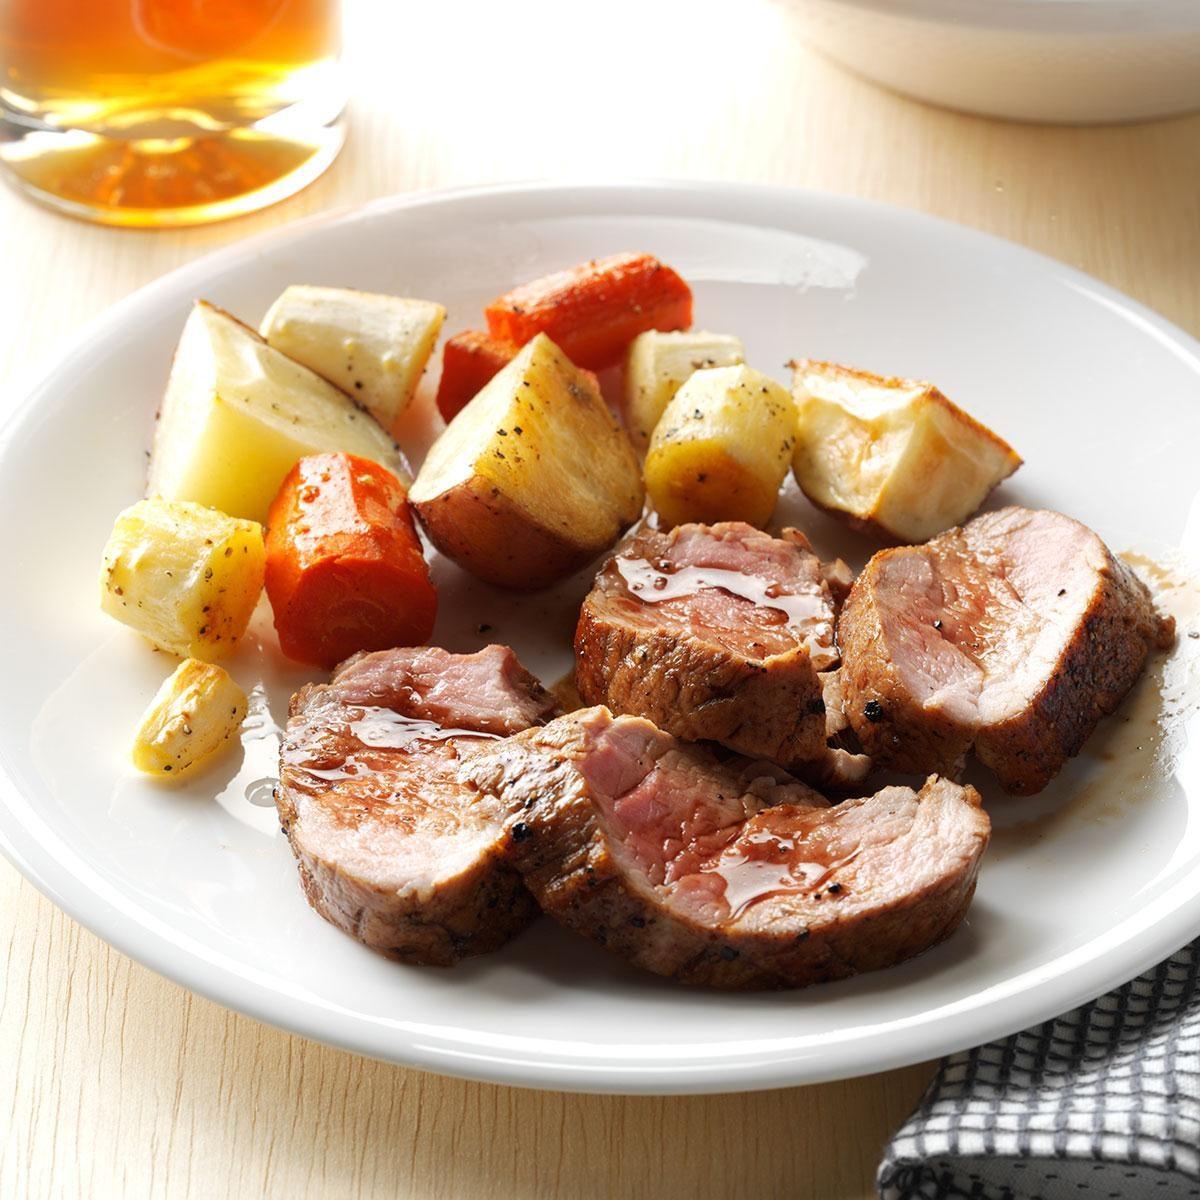 Balsamic glazed pork tenderloin recipe